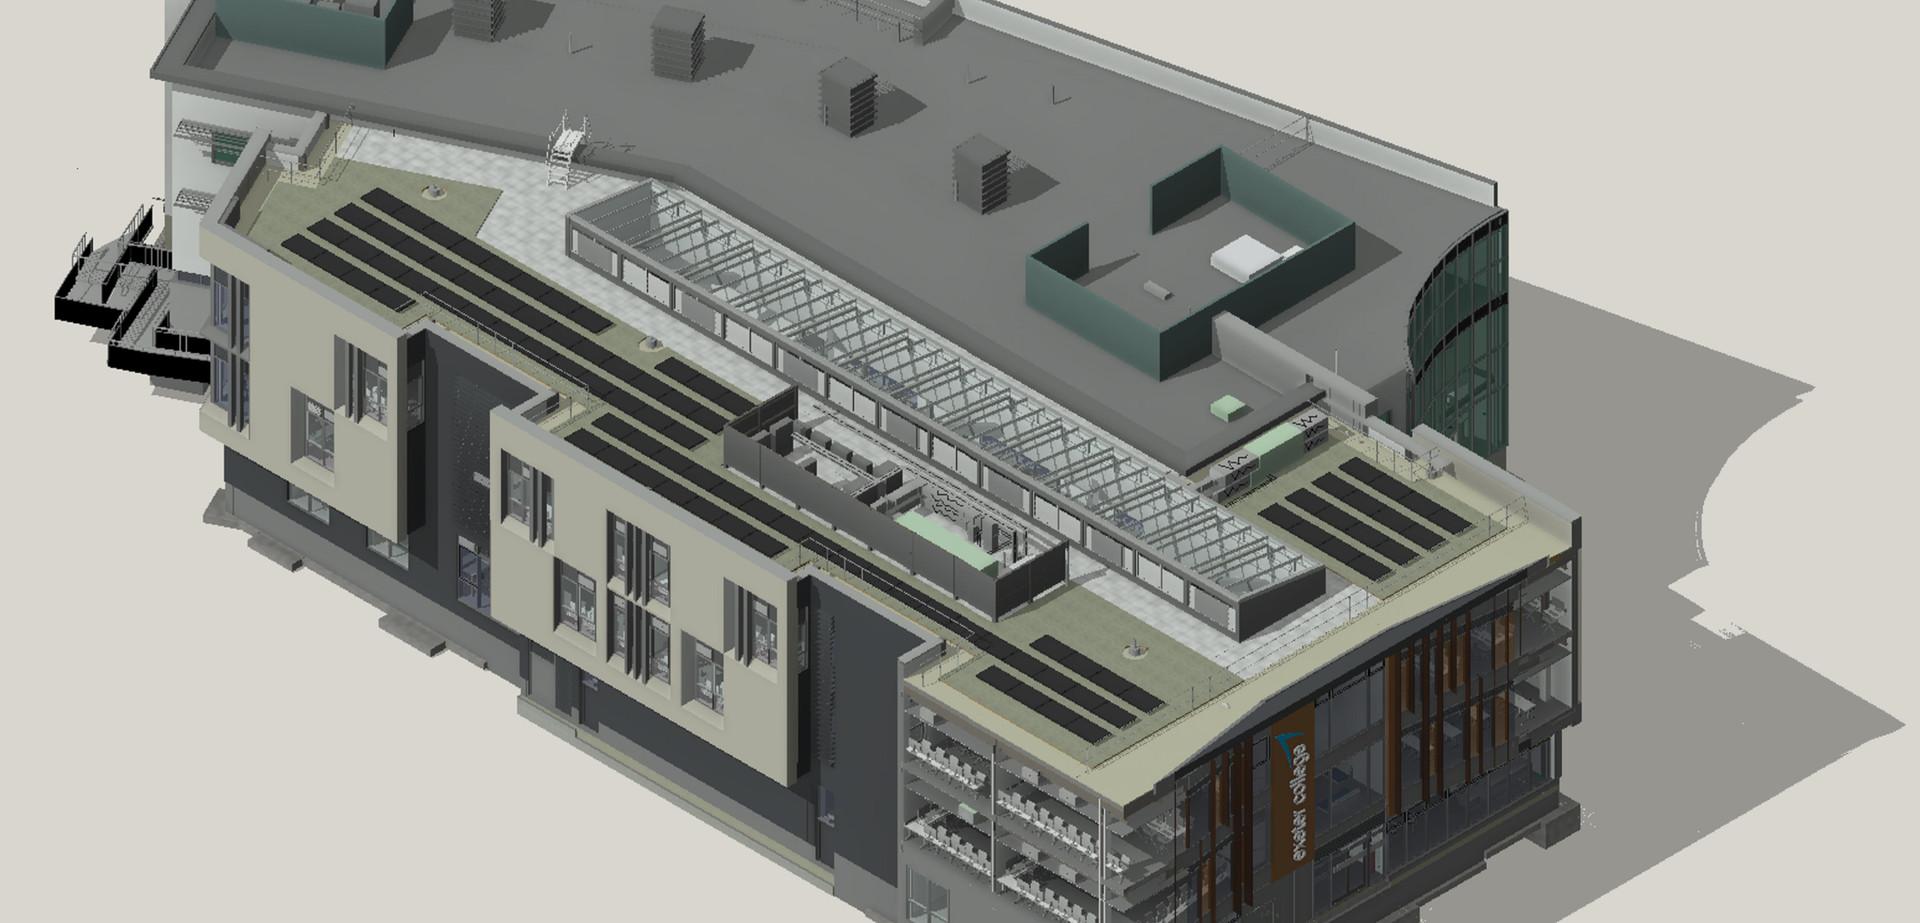 GxM_IoT_Whole Building Render.jpg